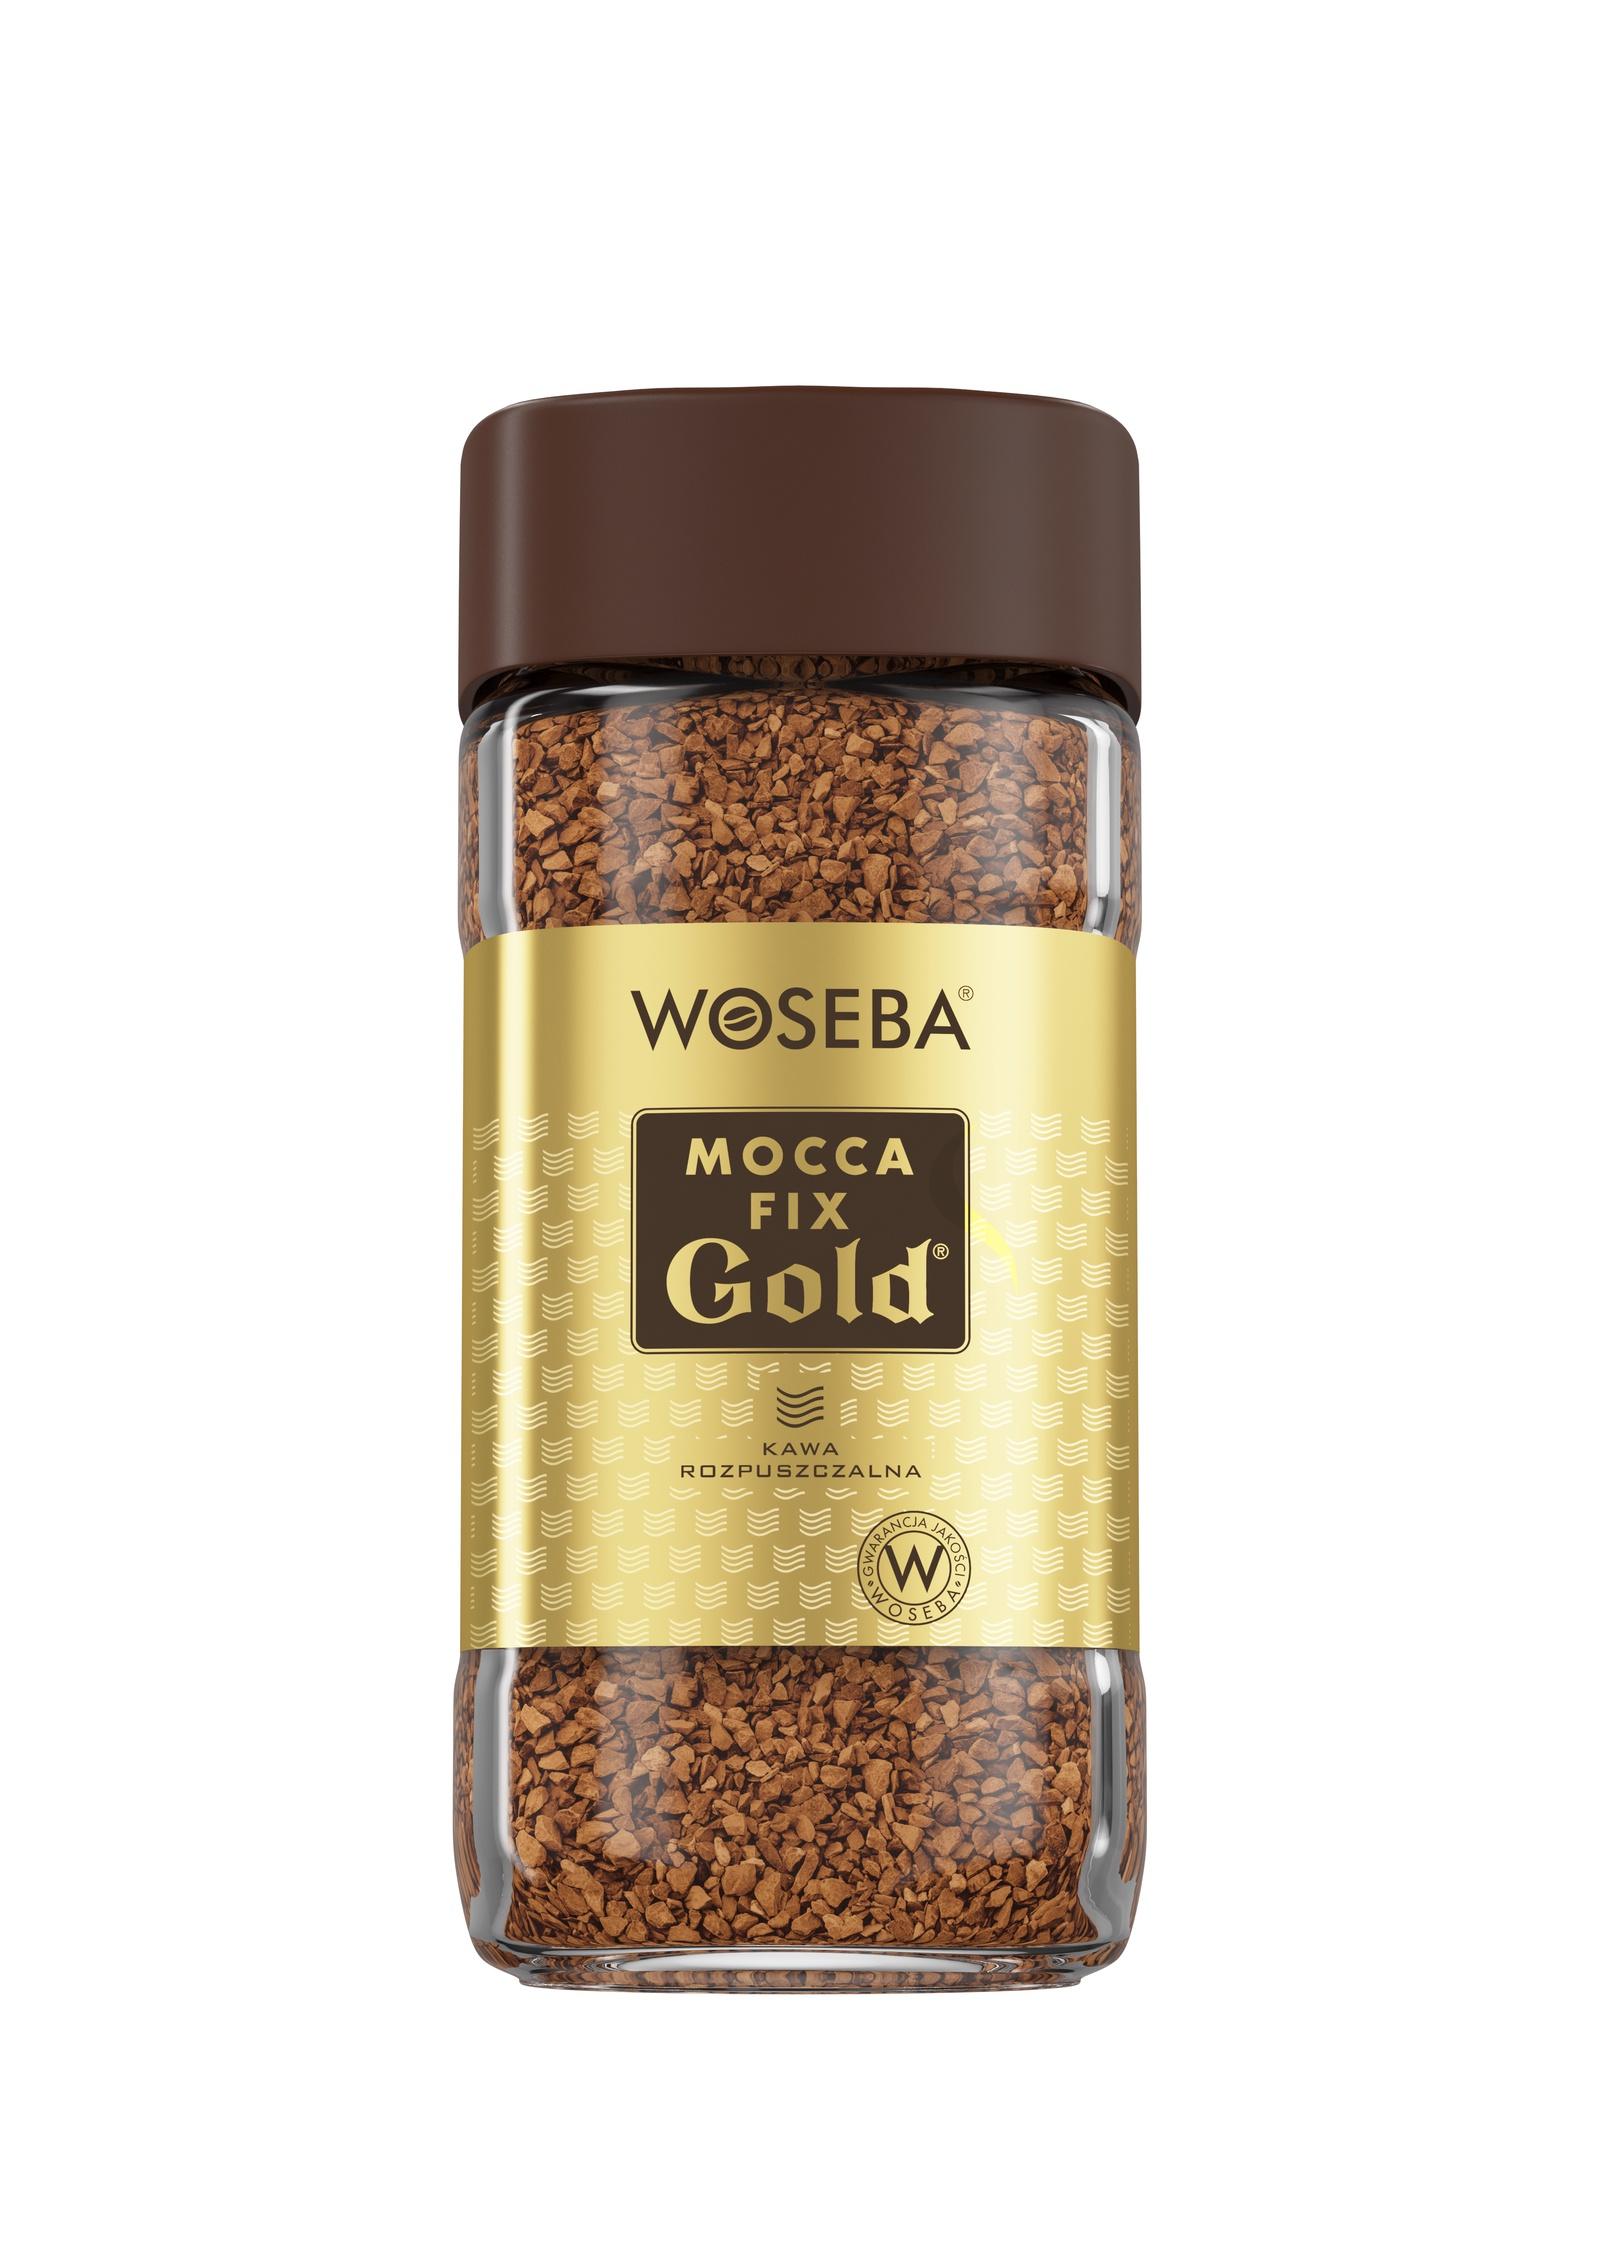 Кофе растворимый сублимированный Woseba Mocca fix Gold банка 100г. цены онлайн